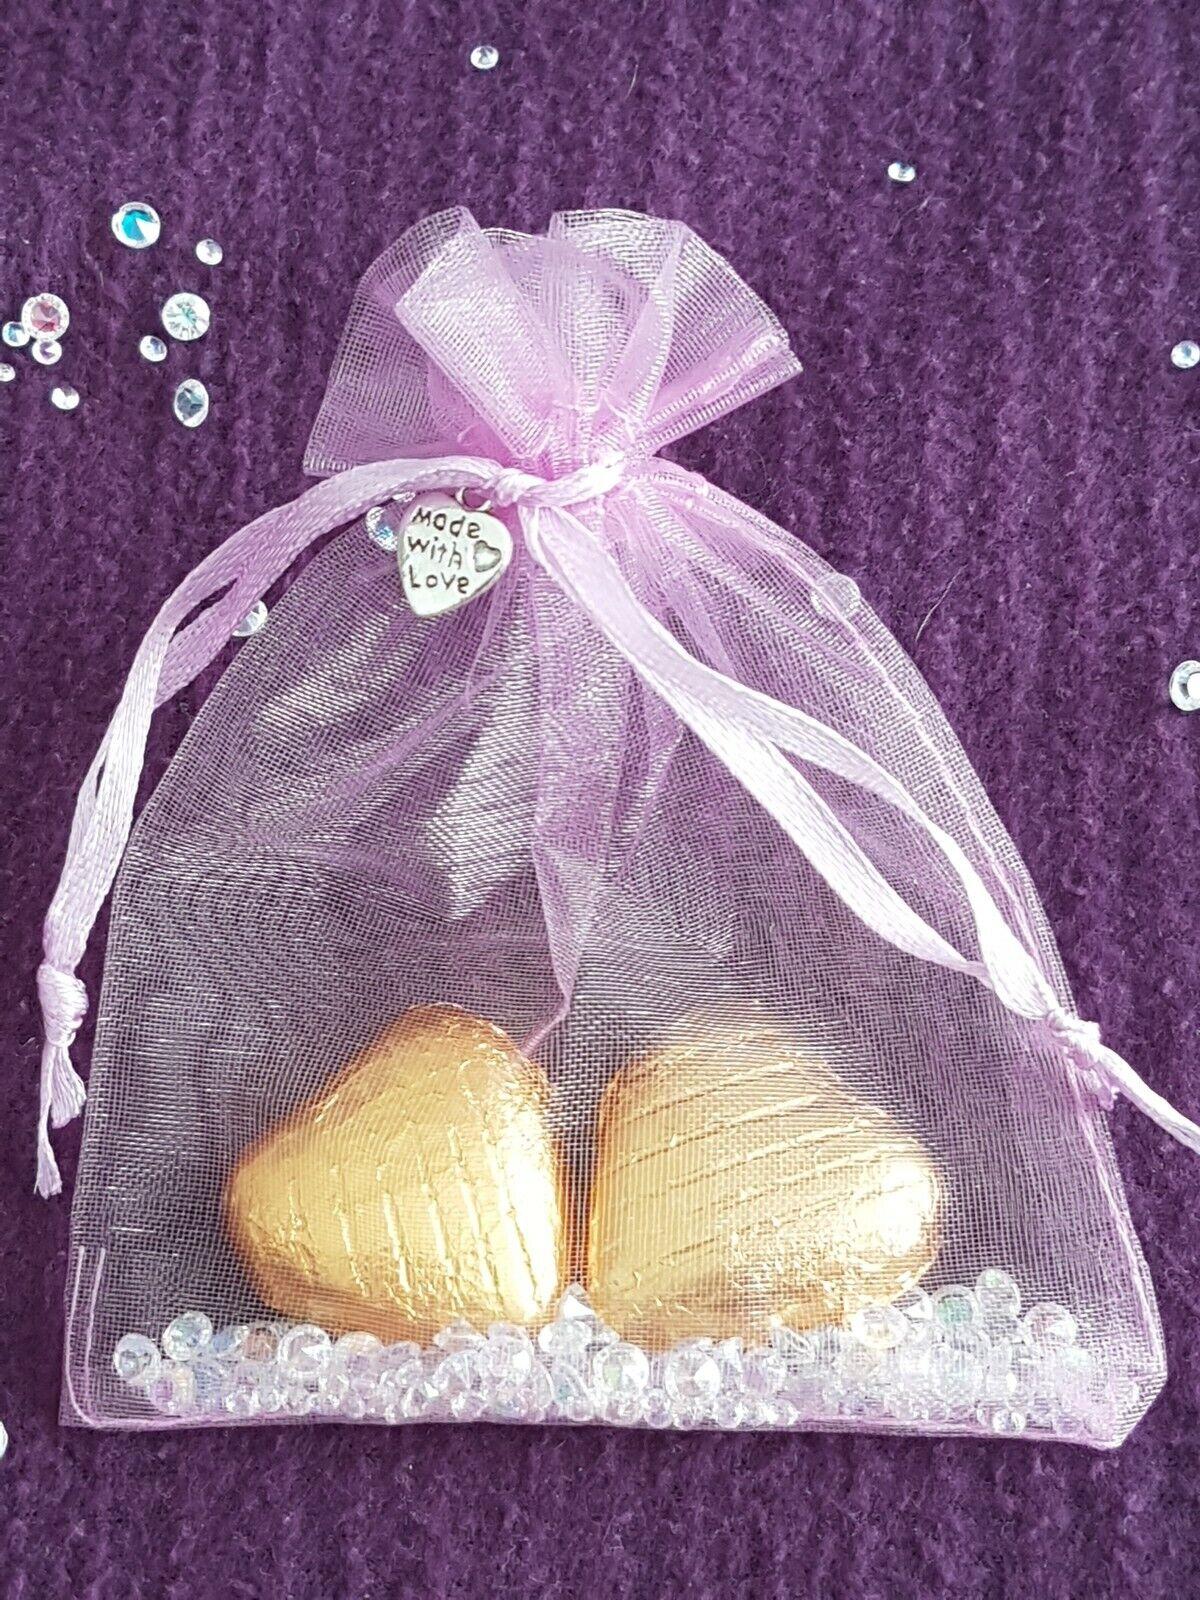 100 Festa Di Nozze Favori Gallina Baby Shower regali. sventate Cioccolato Cuori Organza